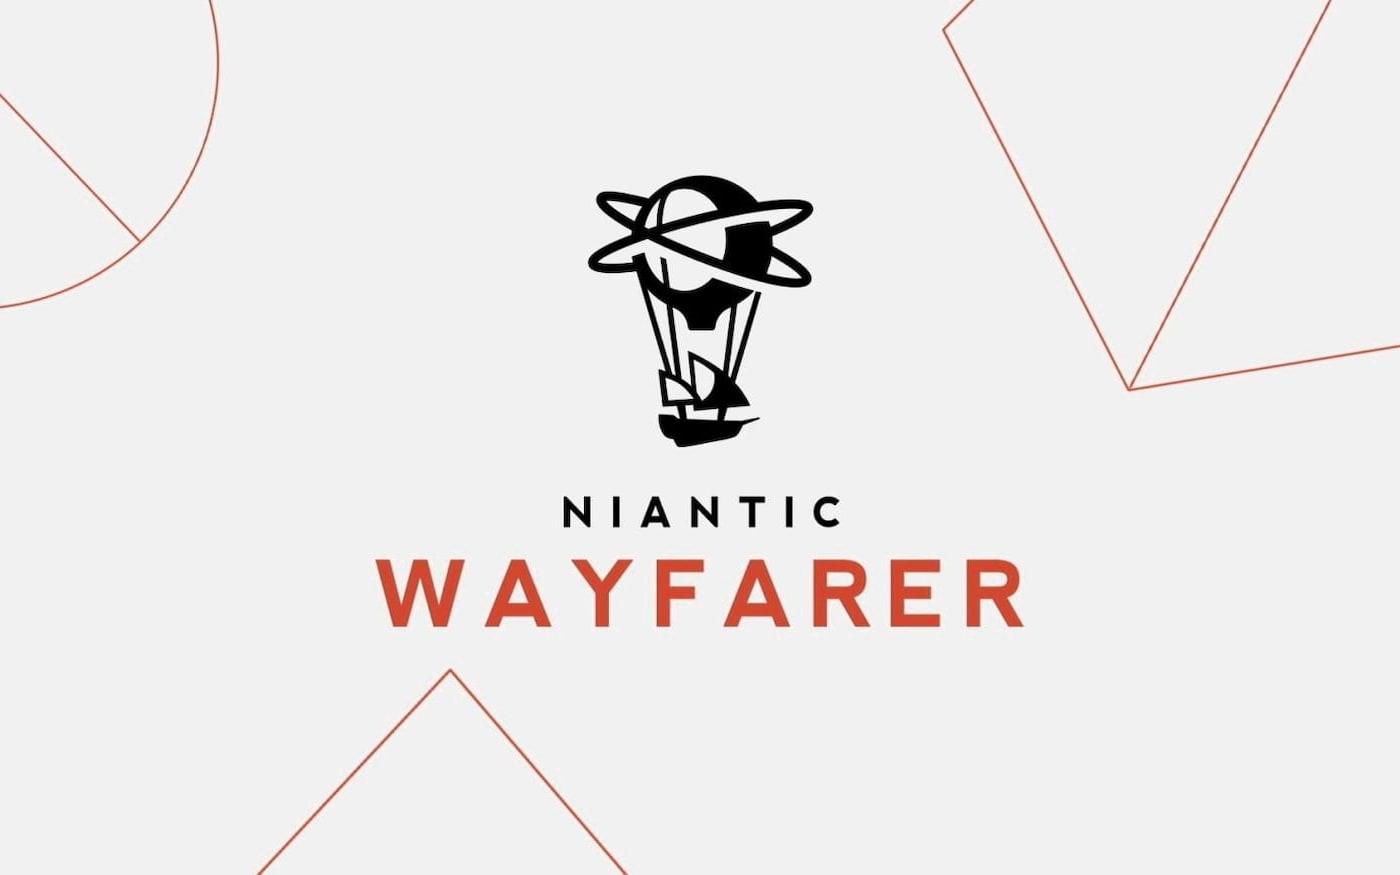 [Niantic Wayfarer] Conheça o novo programa de Pokémon Go para nomear Pokestops e Ginásios